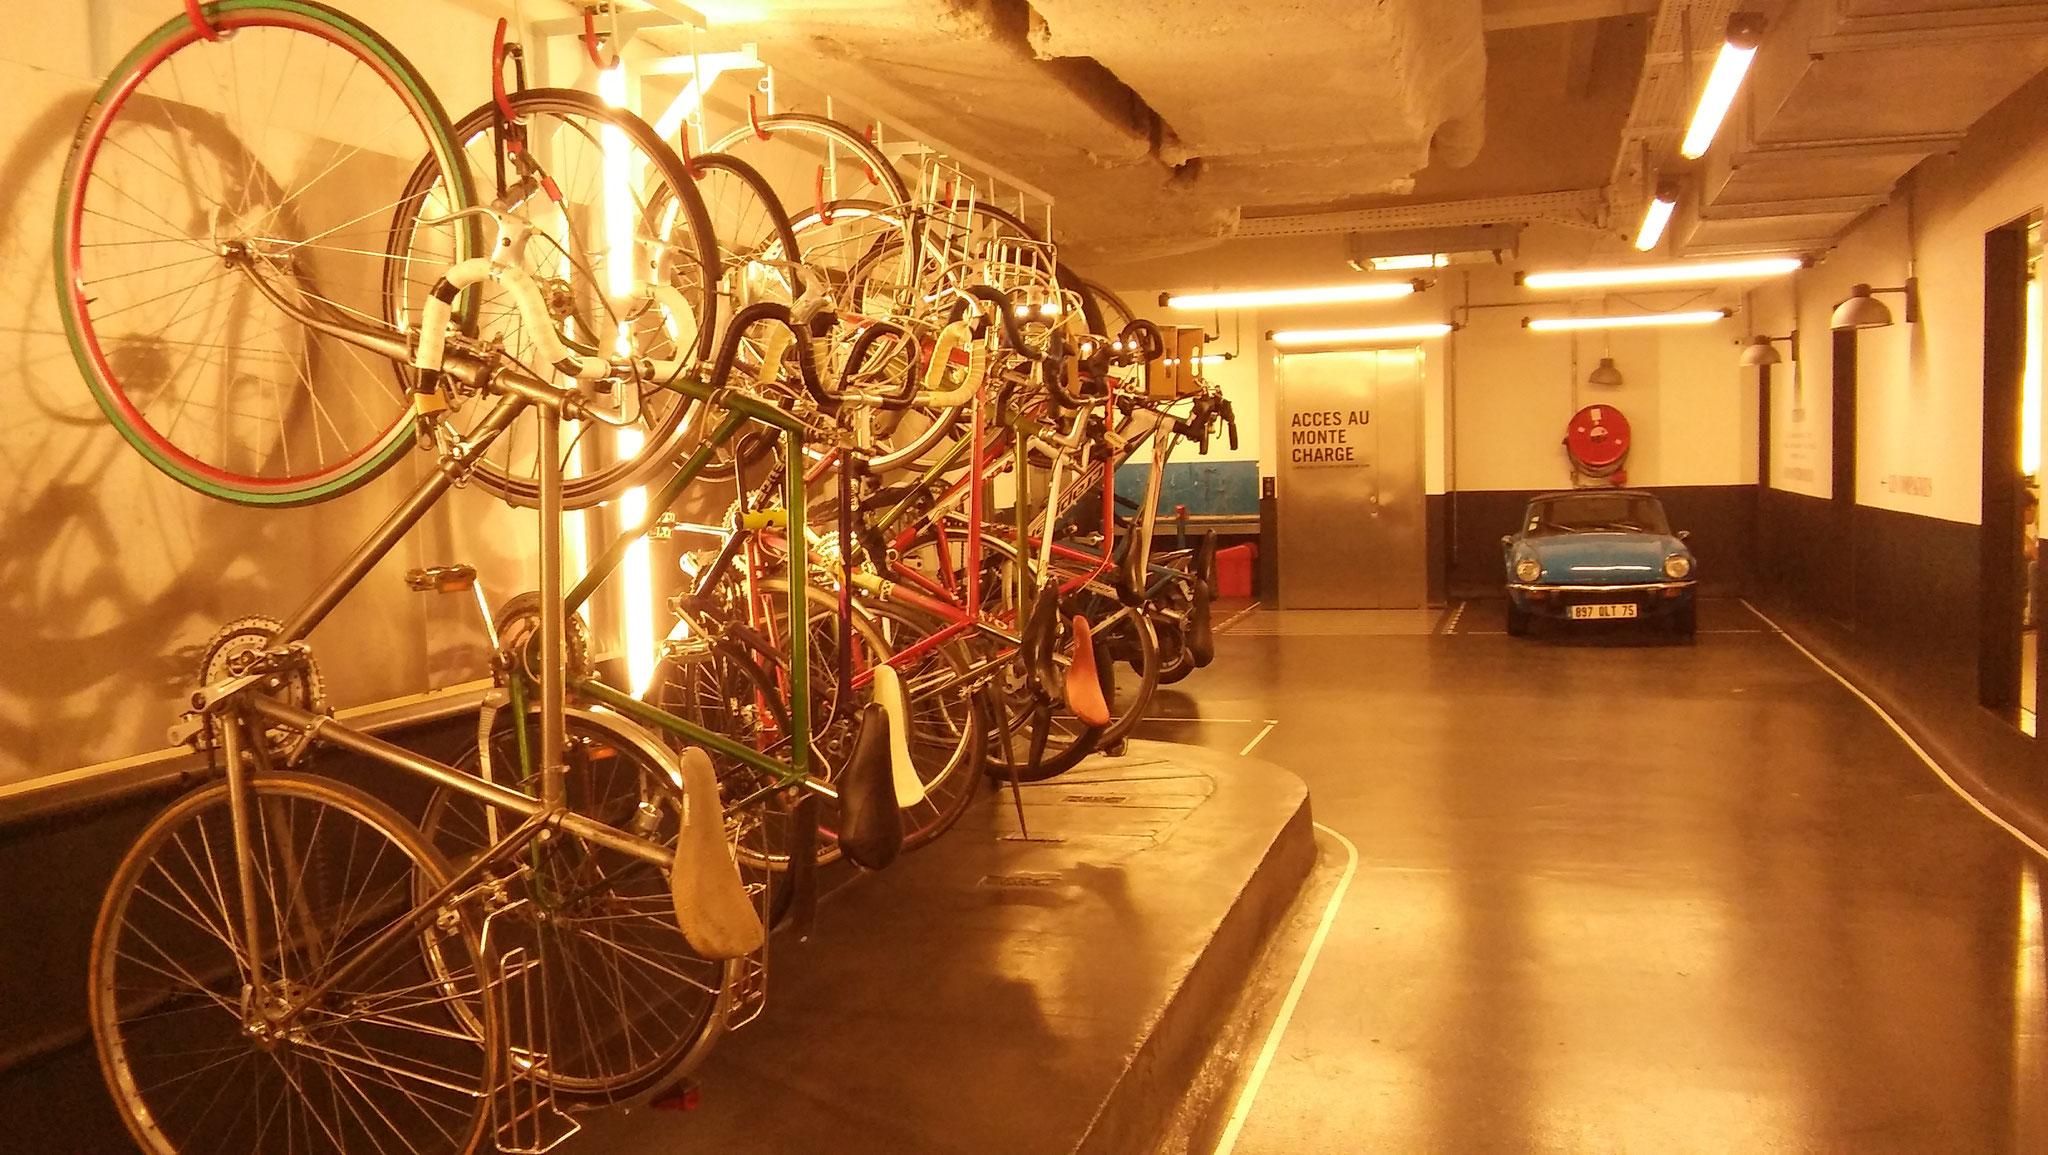 Au rez-de-chaussée de l'immeuble de Deliveroo, les vélos s'accrochent comme des cintres. Ambiance branchée du 10ème oblige